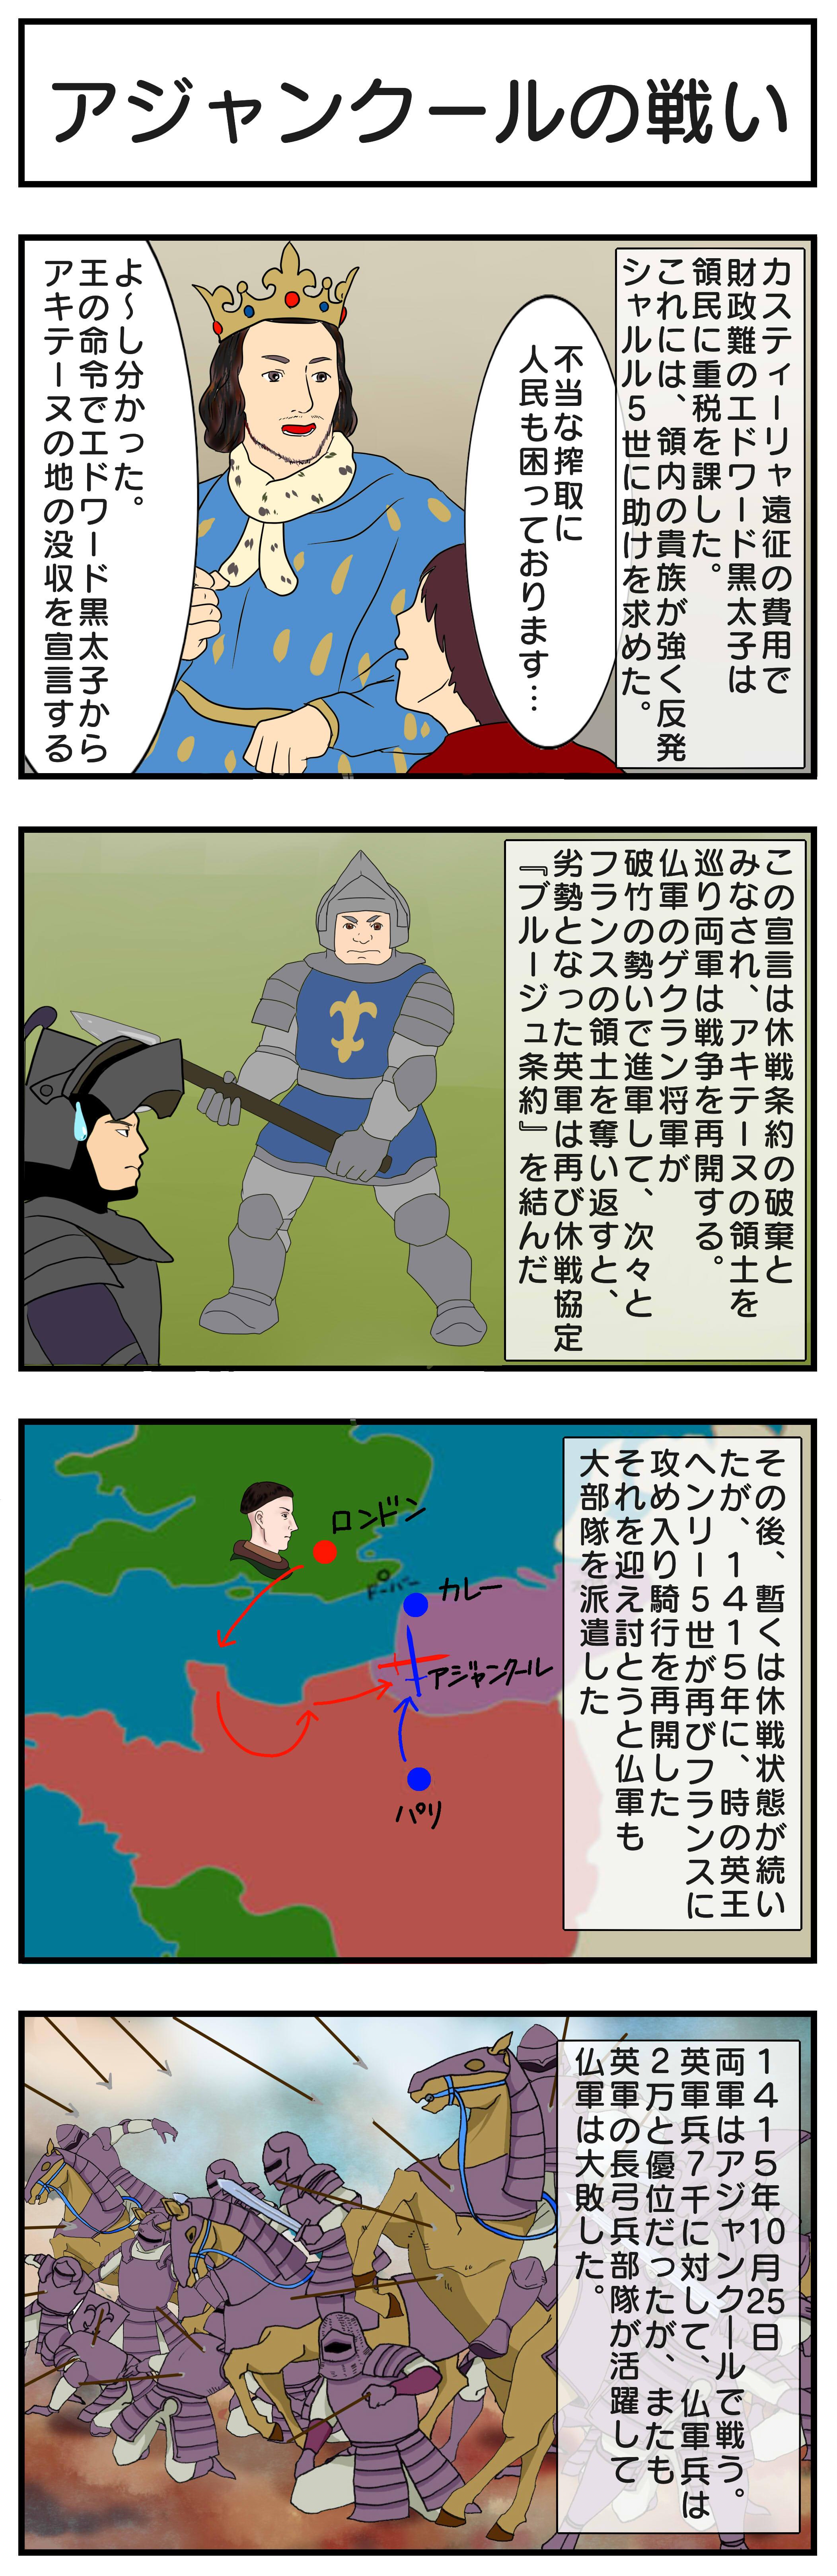 アジャンクールの戦い_4コマ漫画